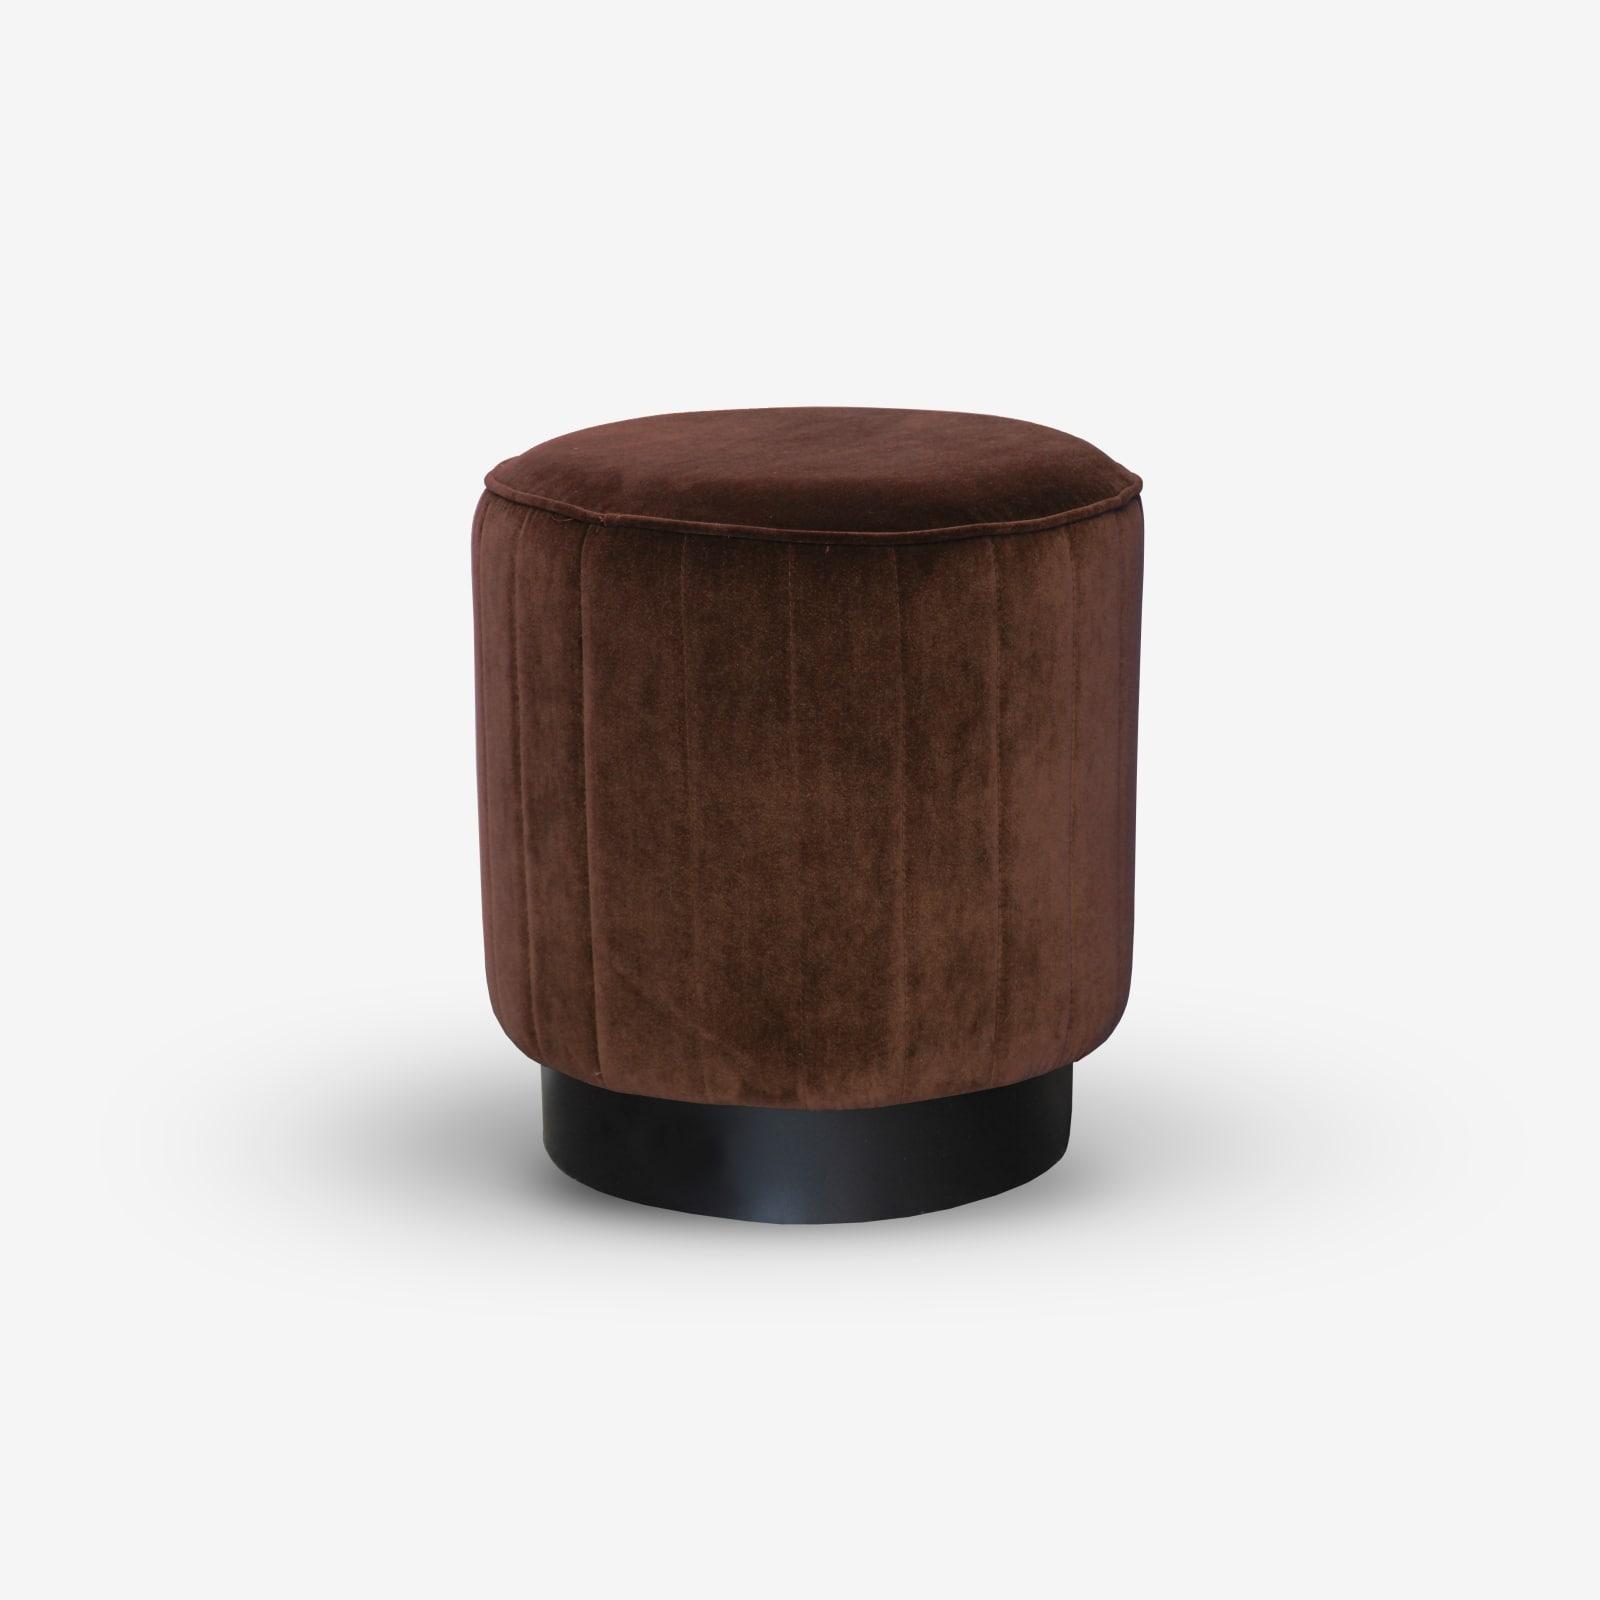 produzione-pouf-in-velluto-lesene-pouf-in-metallo-e-velluto-pouf-in-velluto-per-arredamento-contract-pouf-per-ristoranti-pouf-arredamento-bar-arredo-alberghi-arredo-negozi-uffici-OTTO-mnr